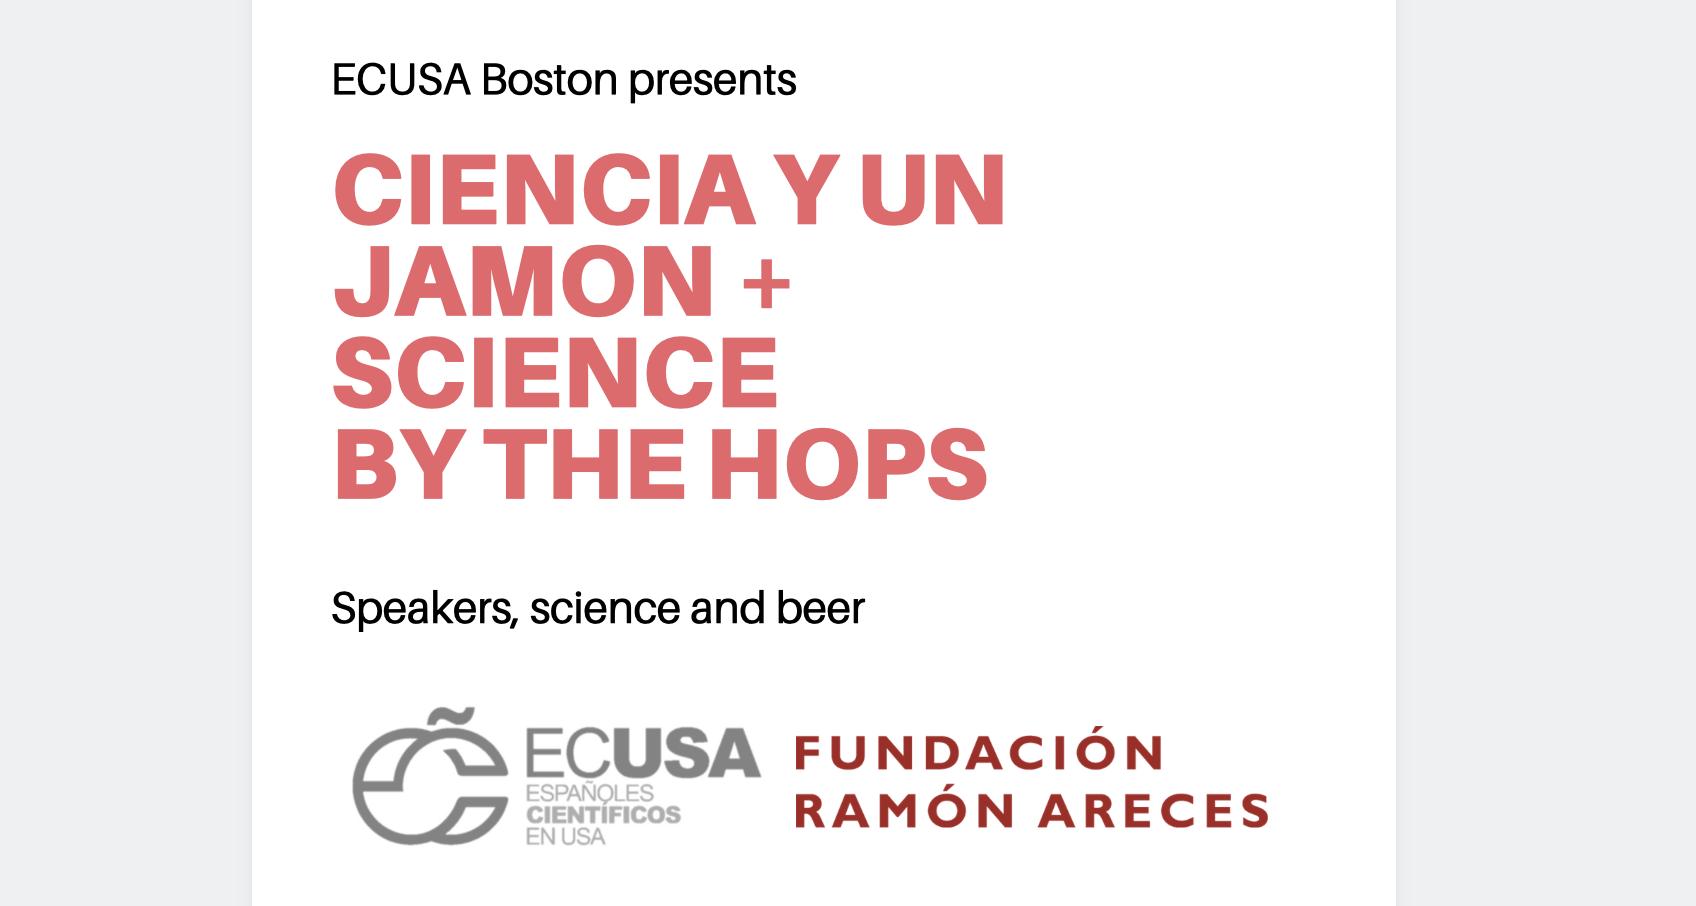 Ciencia y un Jamón + Science by the hops